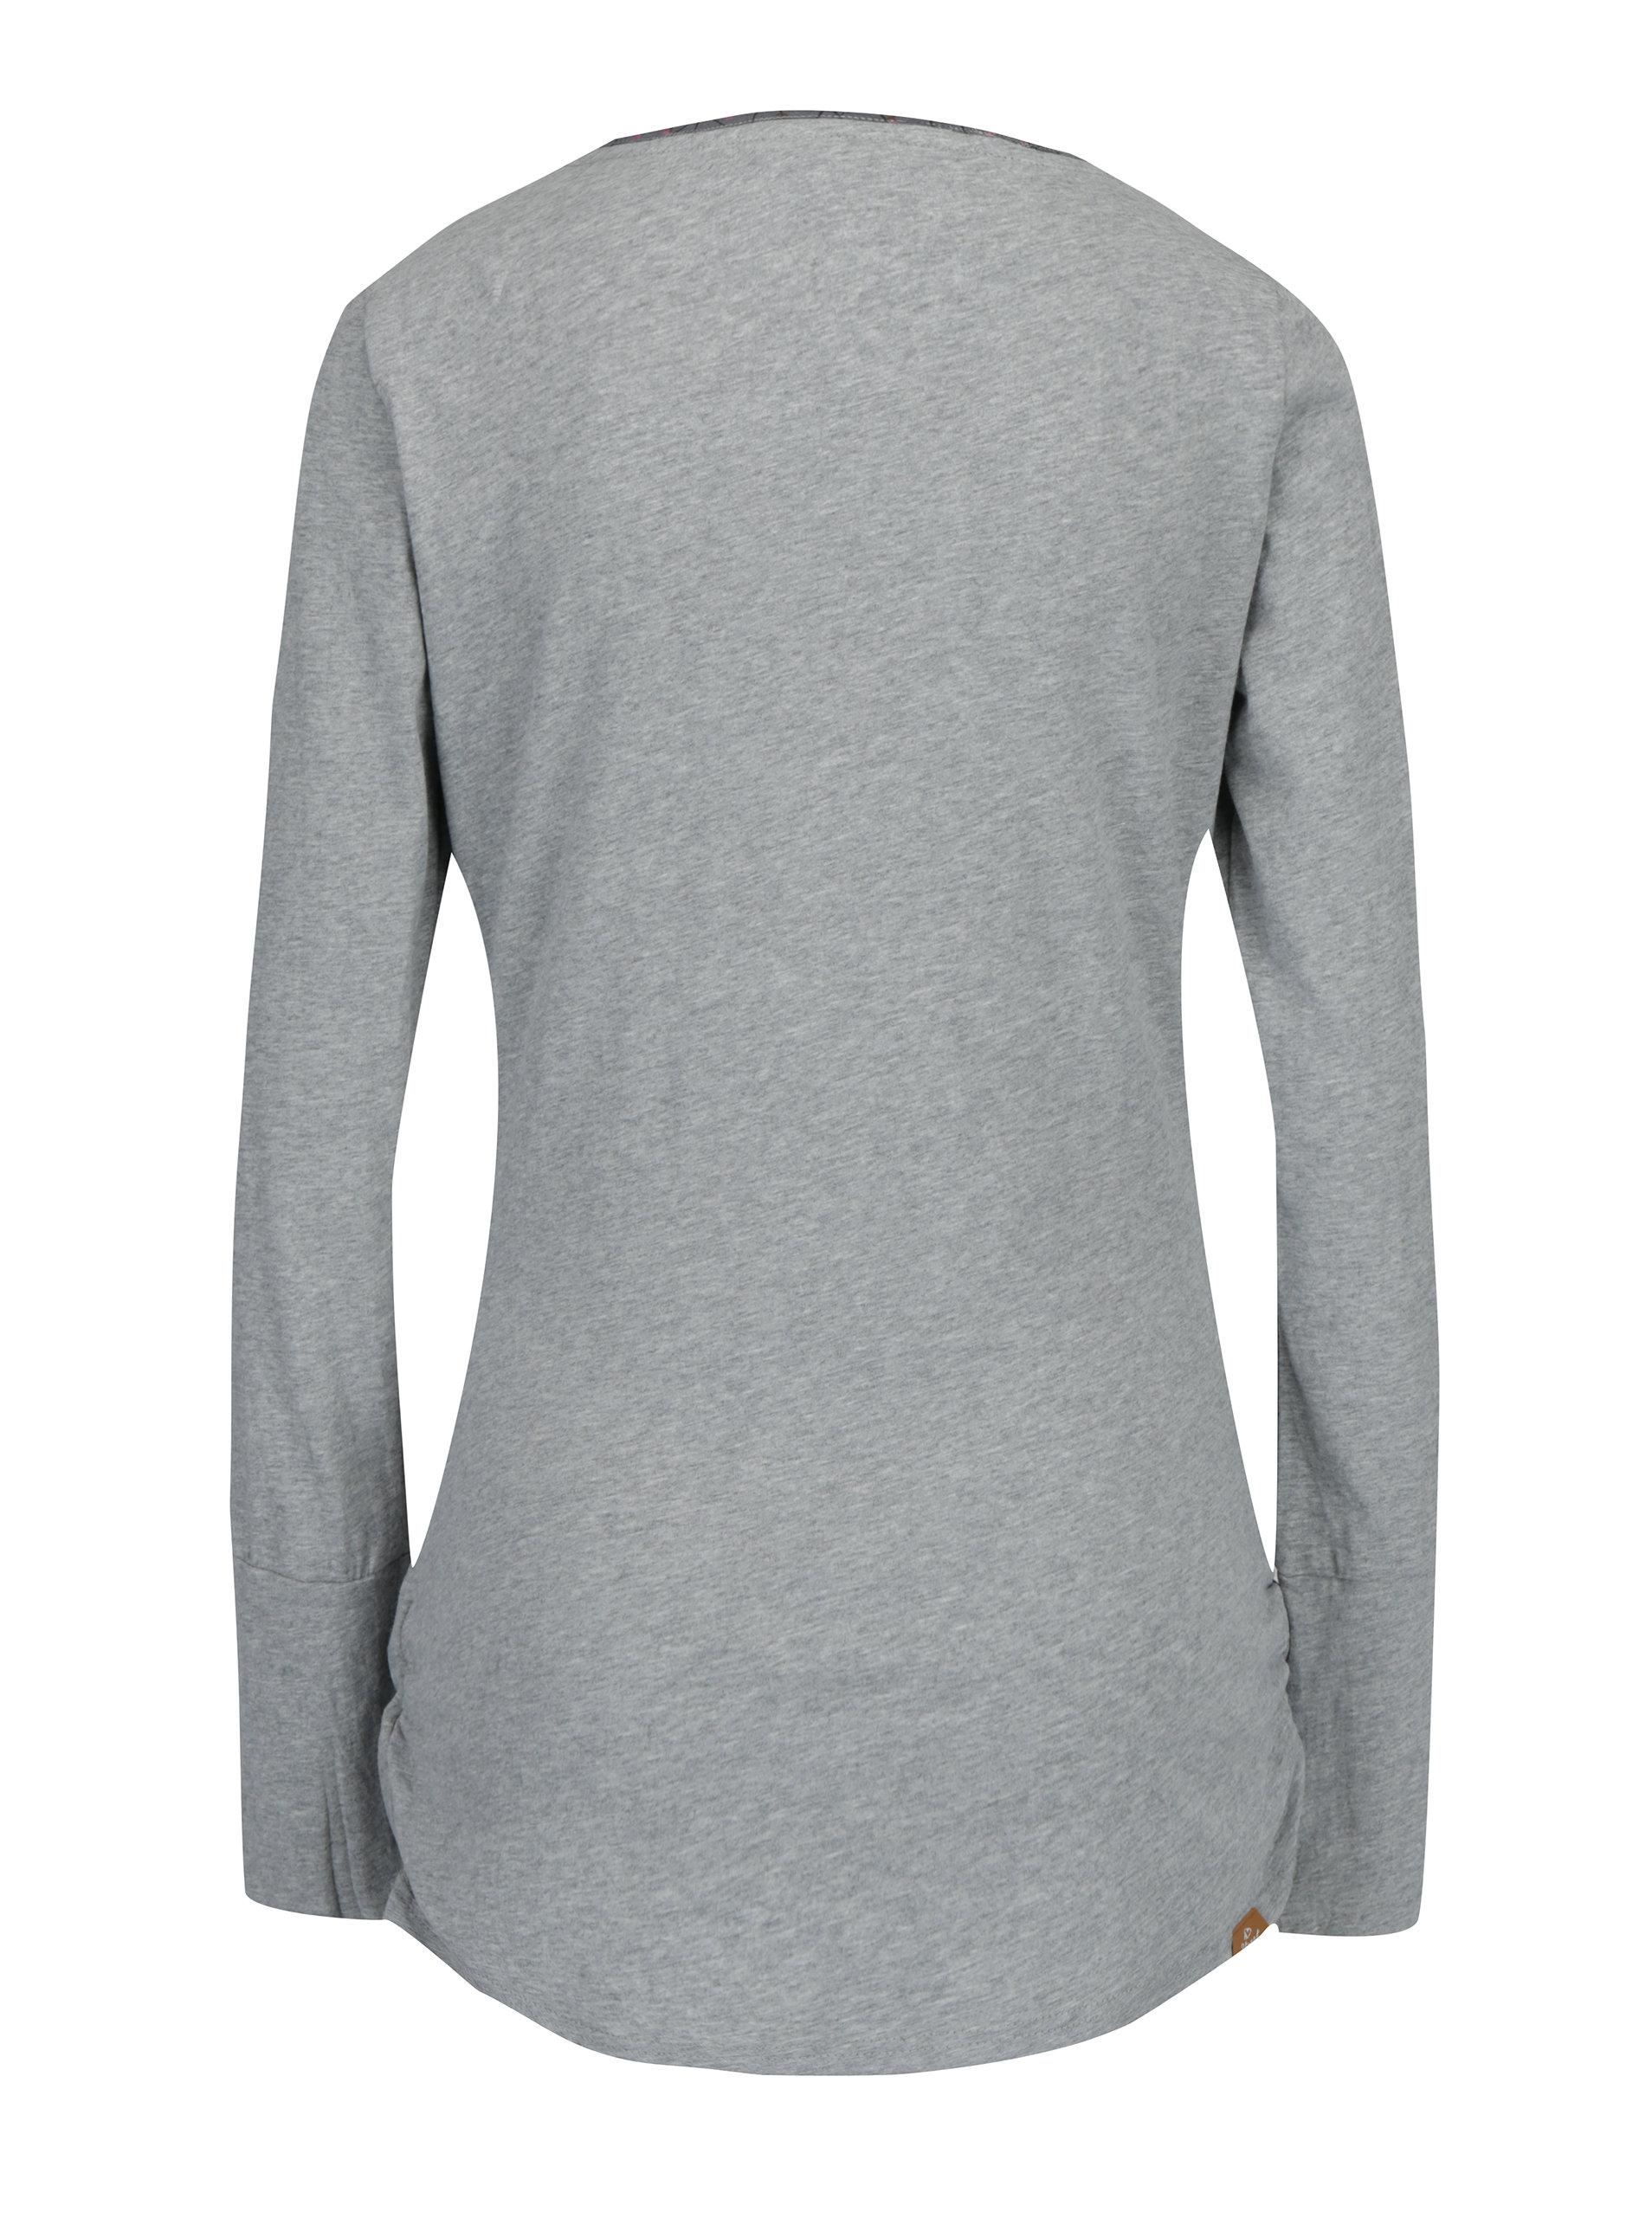 749e87862ee7 Sivé dámske melírované dlhé tričko so všitým dielom Ragwear Zimt ...